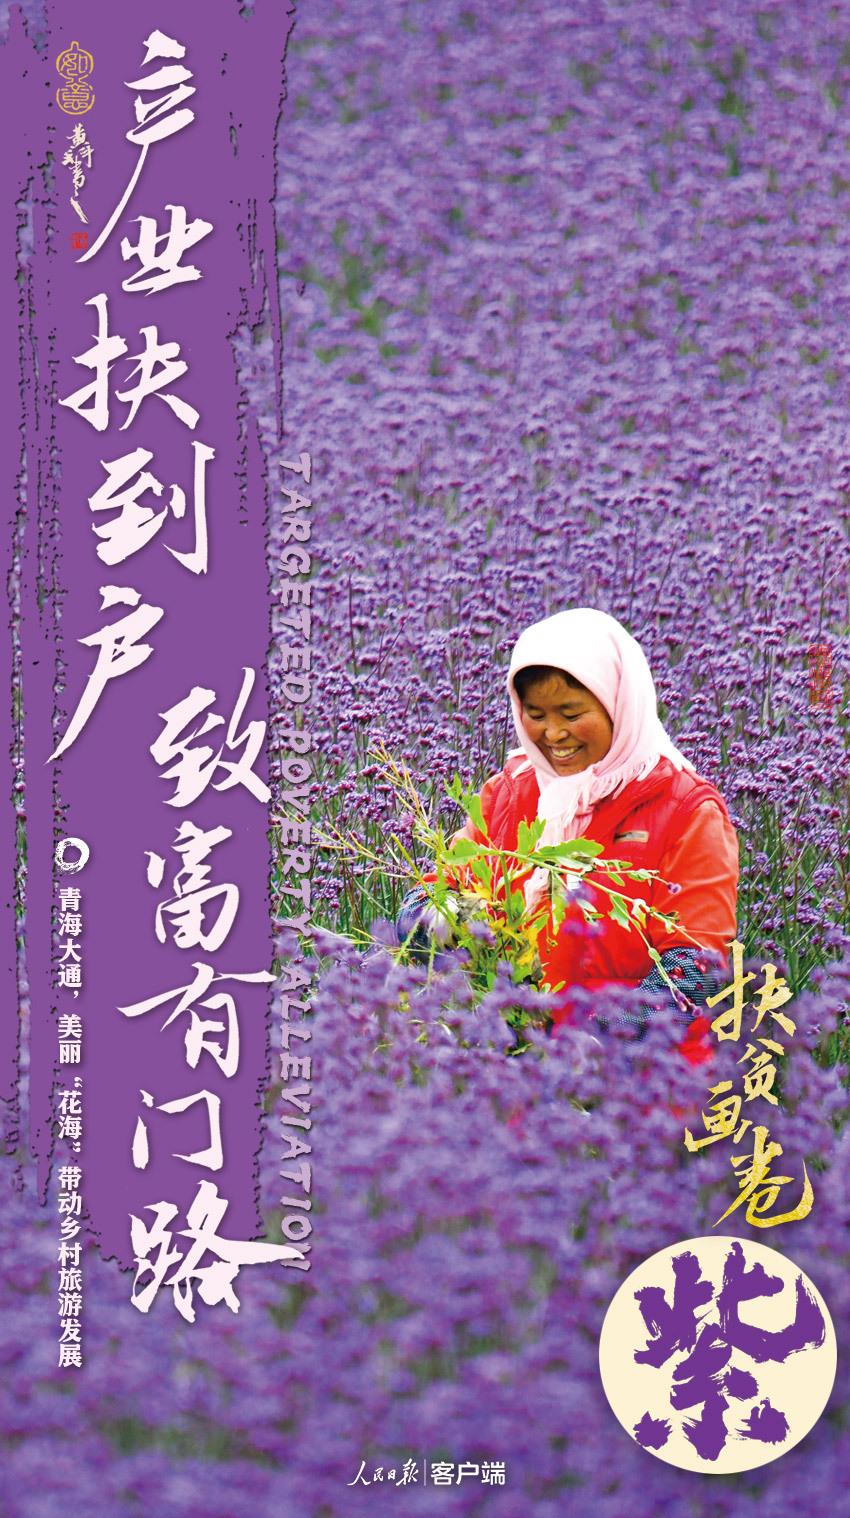 紫色.jpg?x-oss-process=style/w10